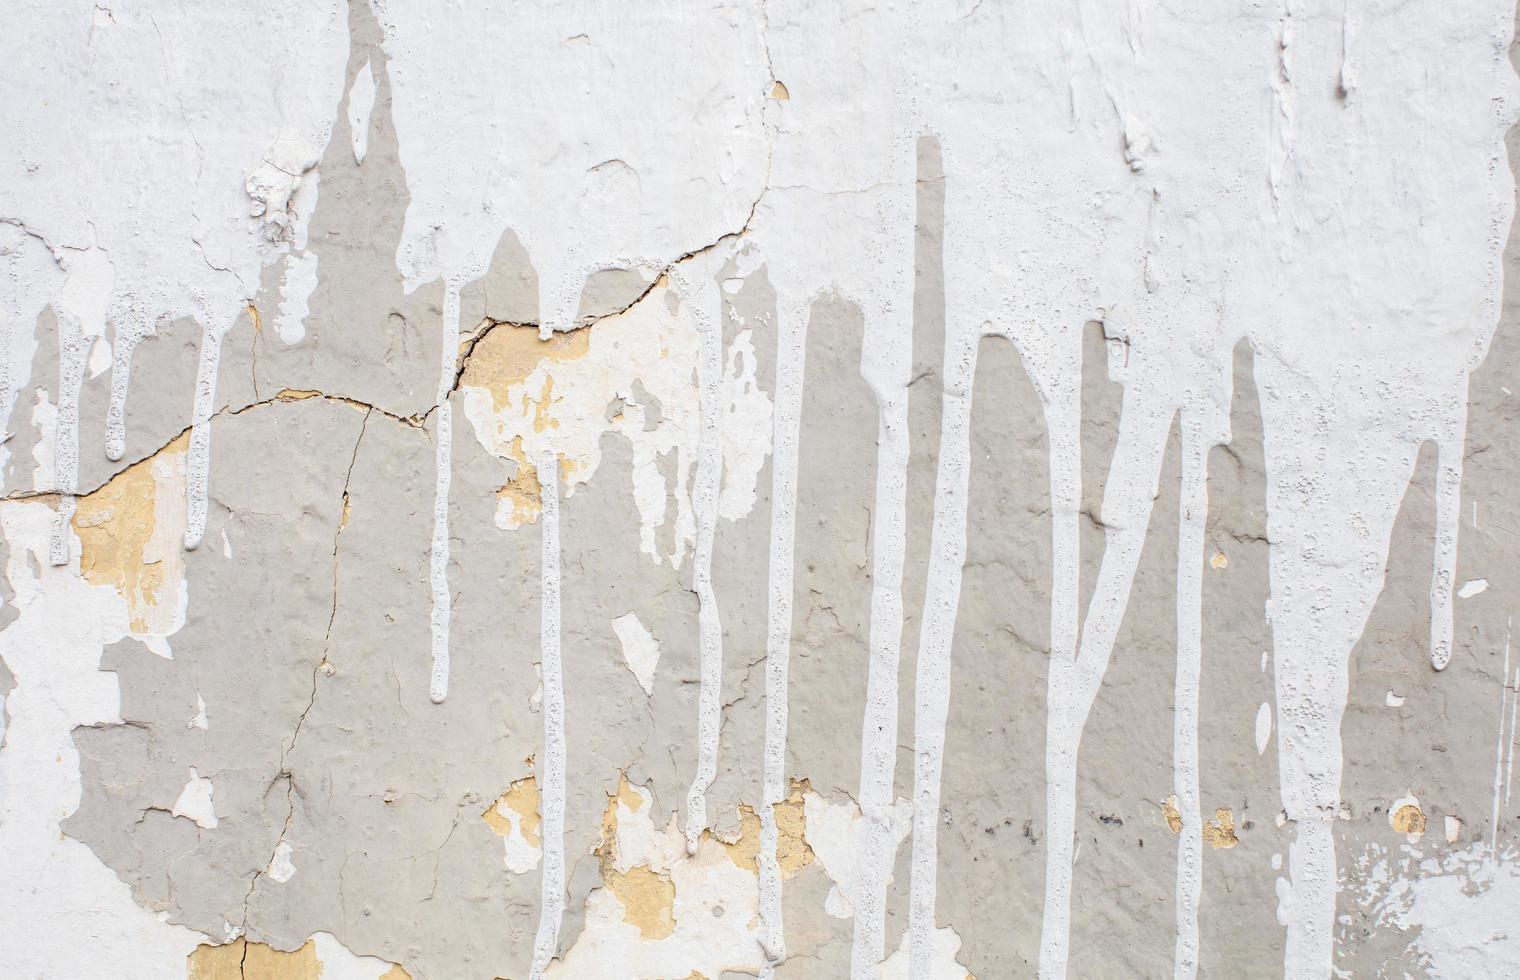 textura de parede de concreto com gotas de tinta foto